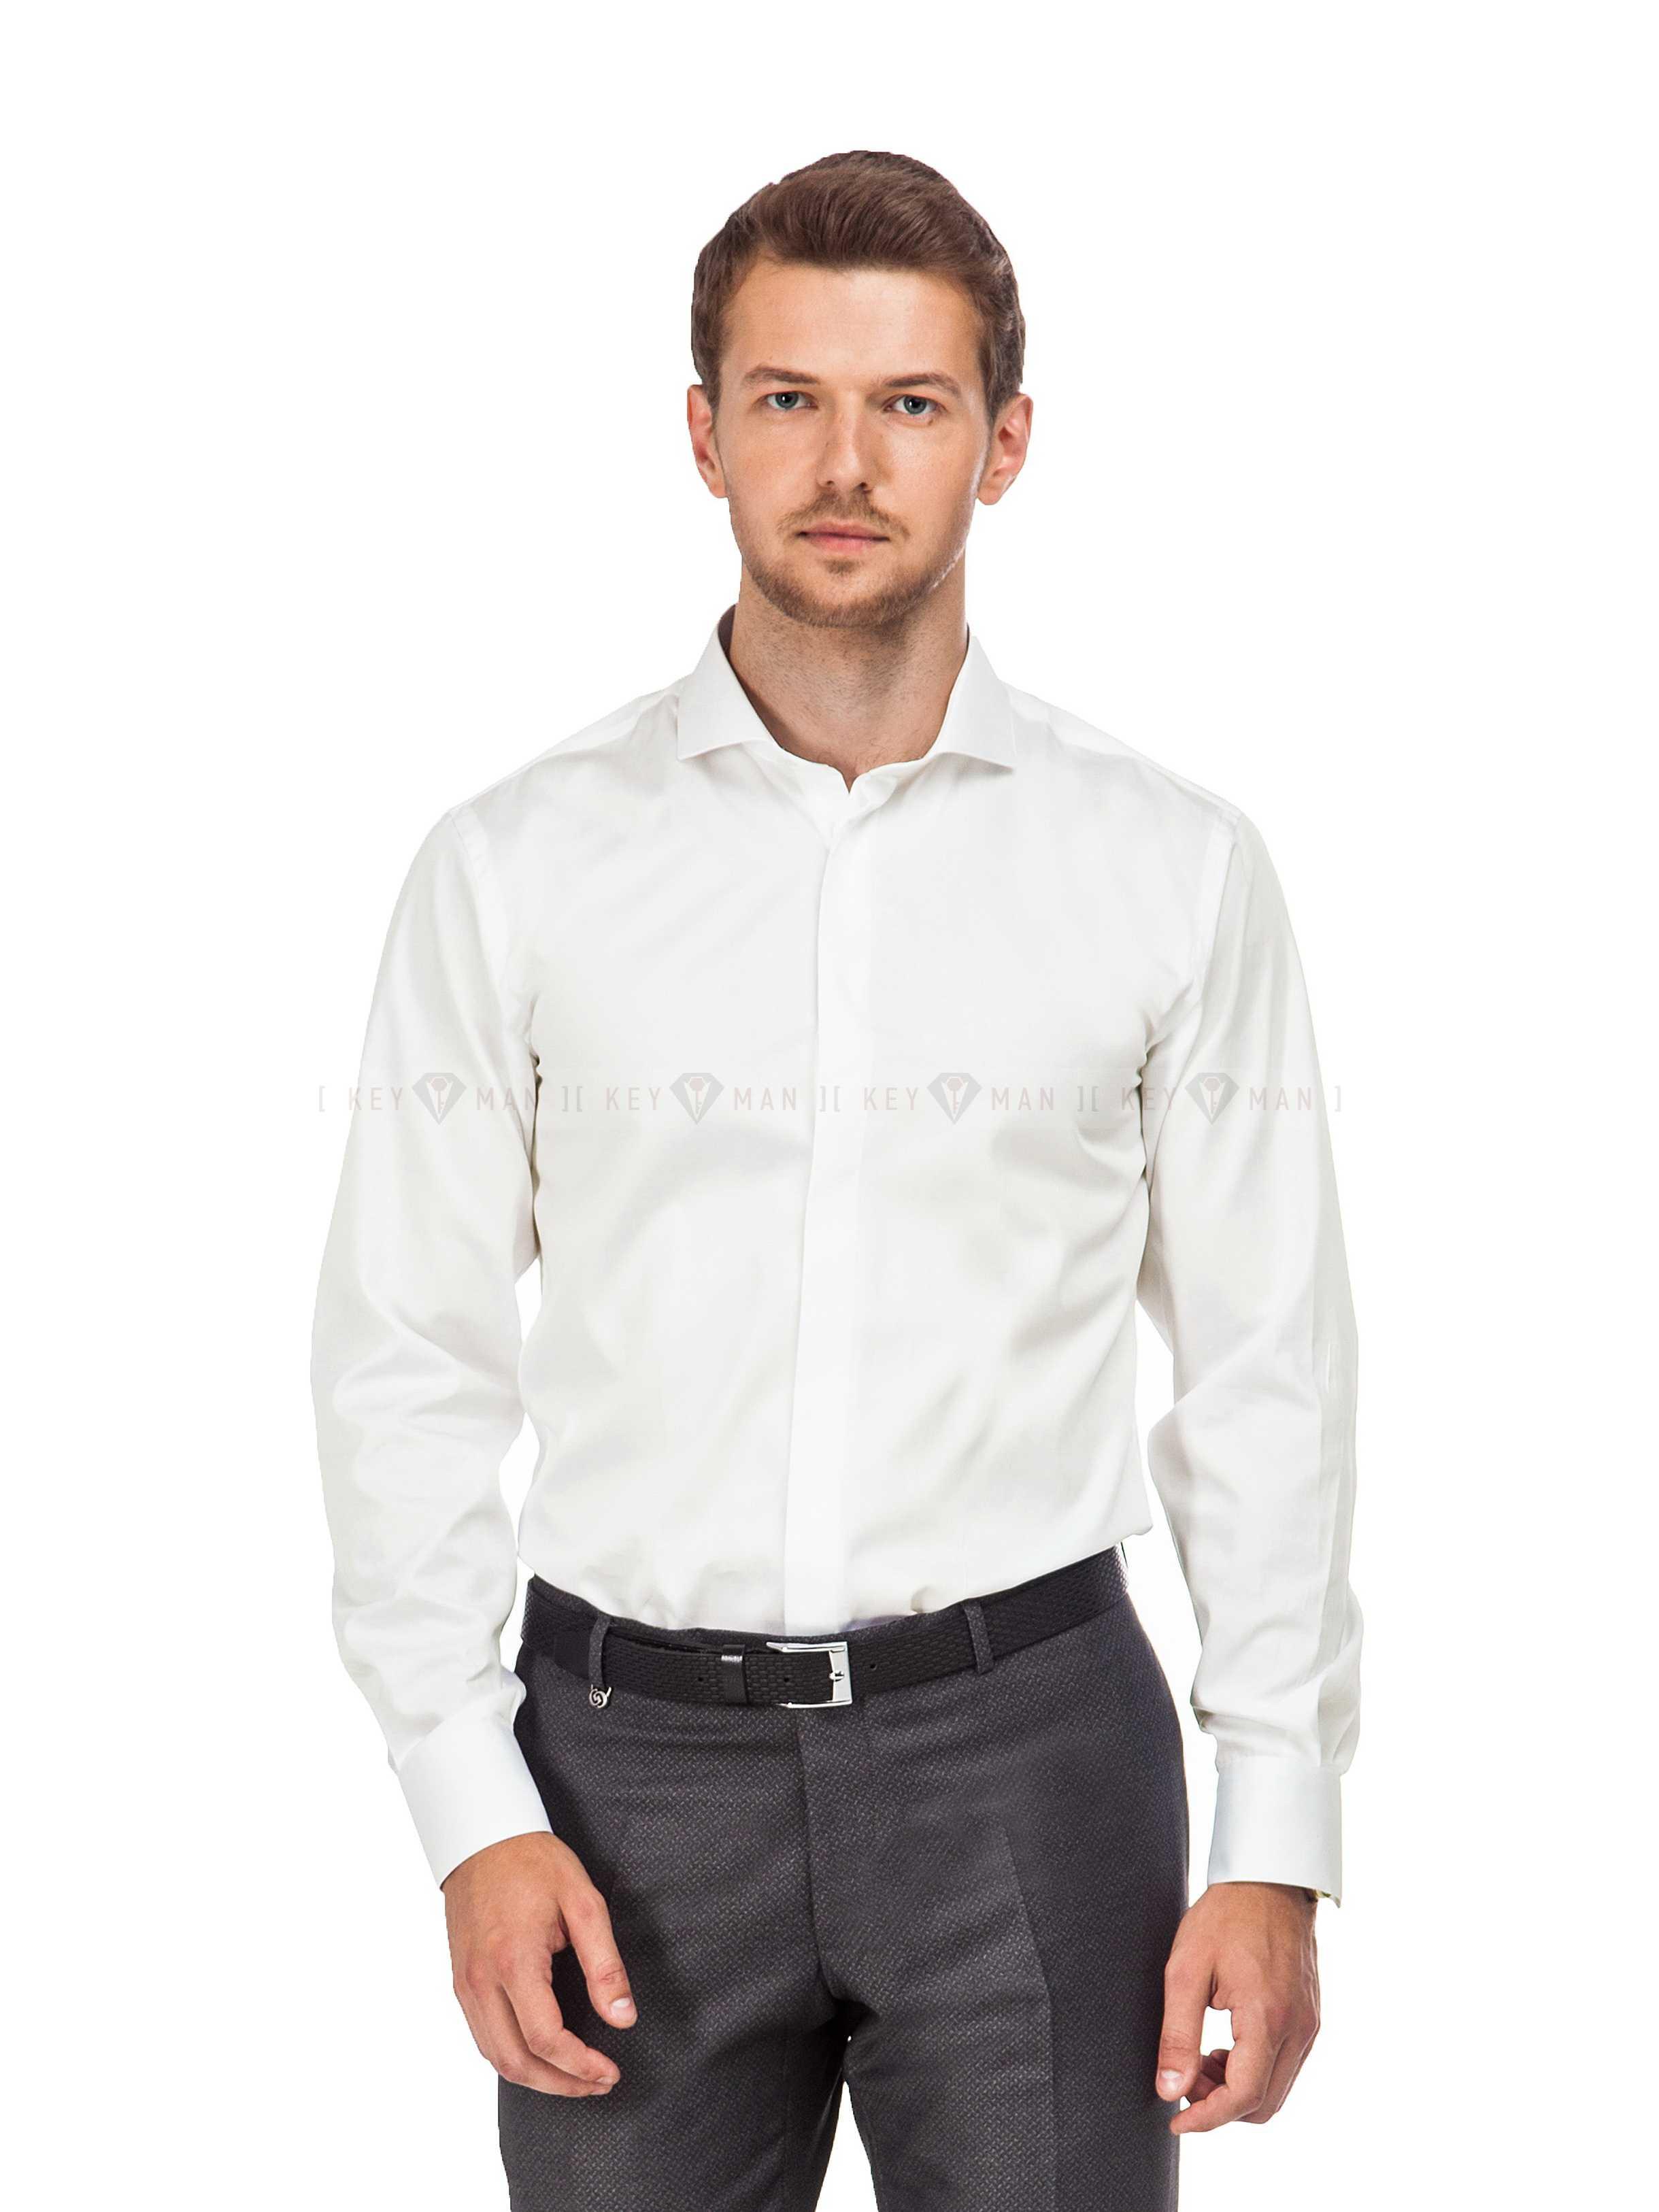 Рубашка мужская айвори сатин с акульим воротником (Cutaway Collar)